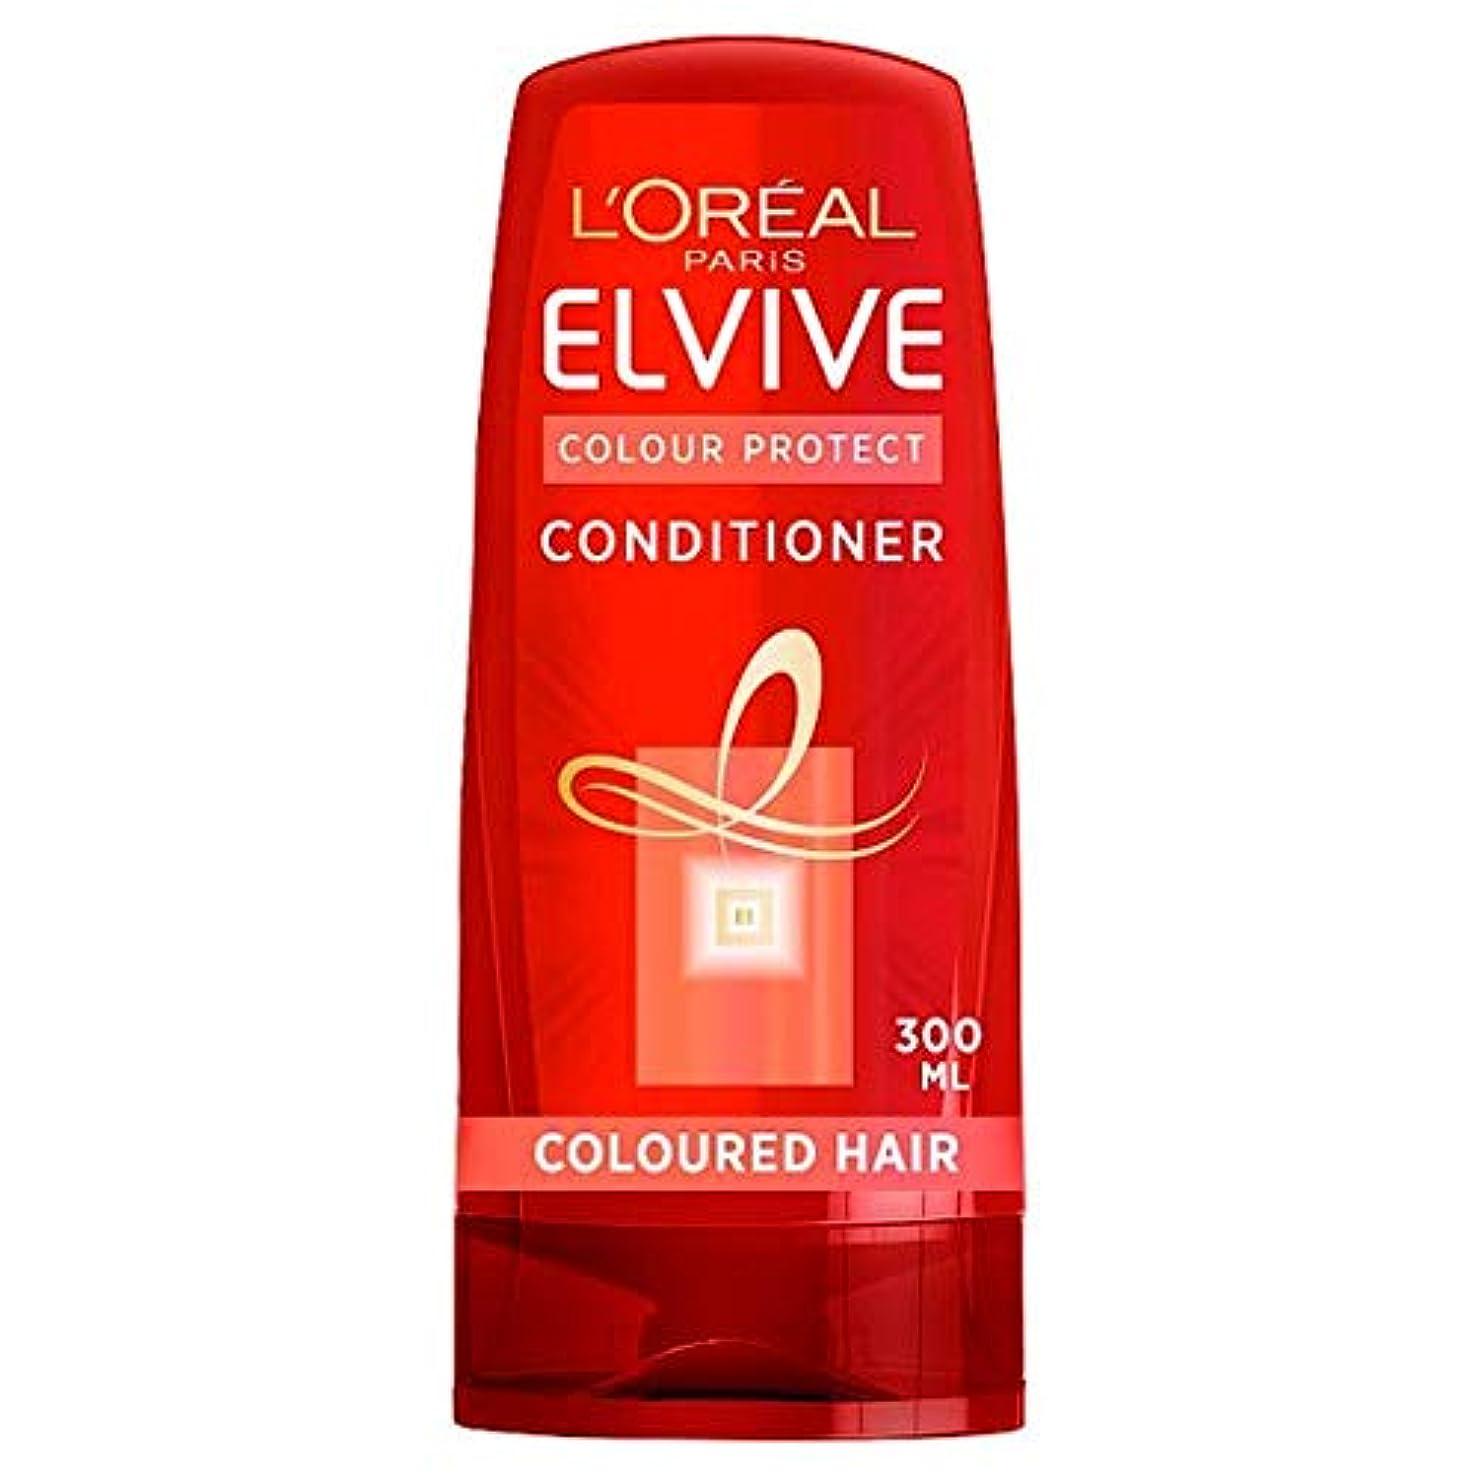 ハック後ろに放映[Elvive] ロレアルElvive色の保護ヘアコンディショナー300ミリリットル - L'oreal Elvive Coloured Protection Hair Conditioner 300Ml [並行輸入品]